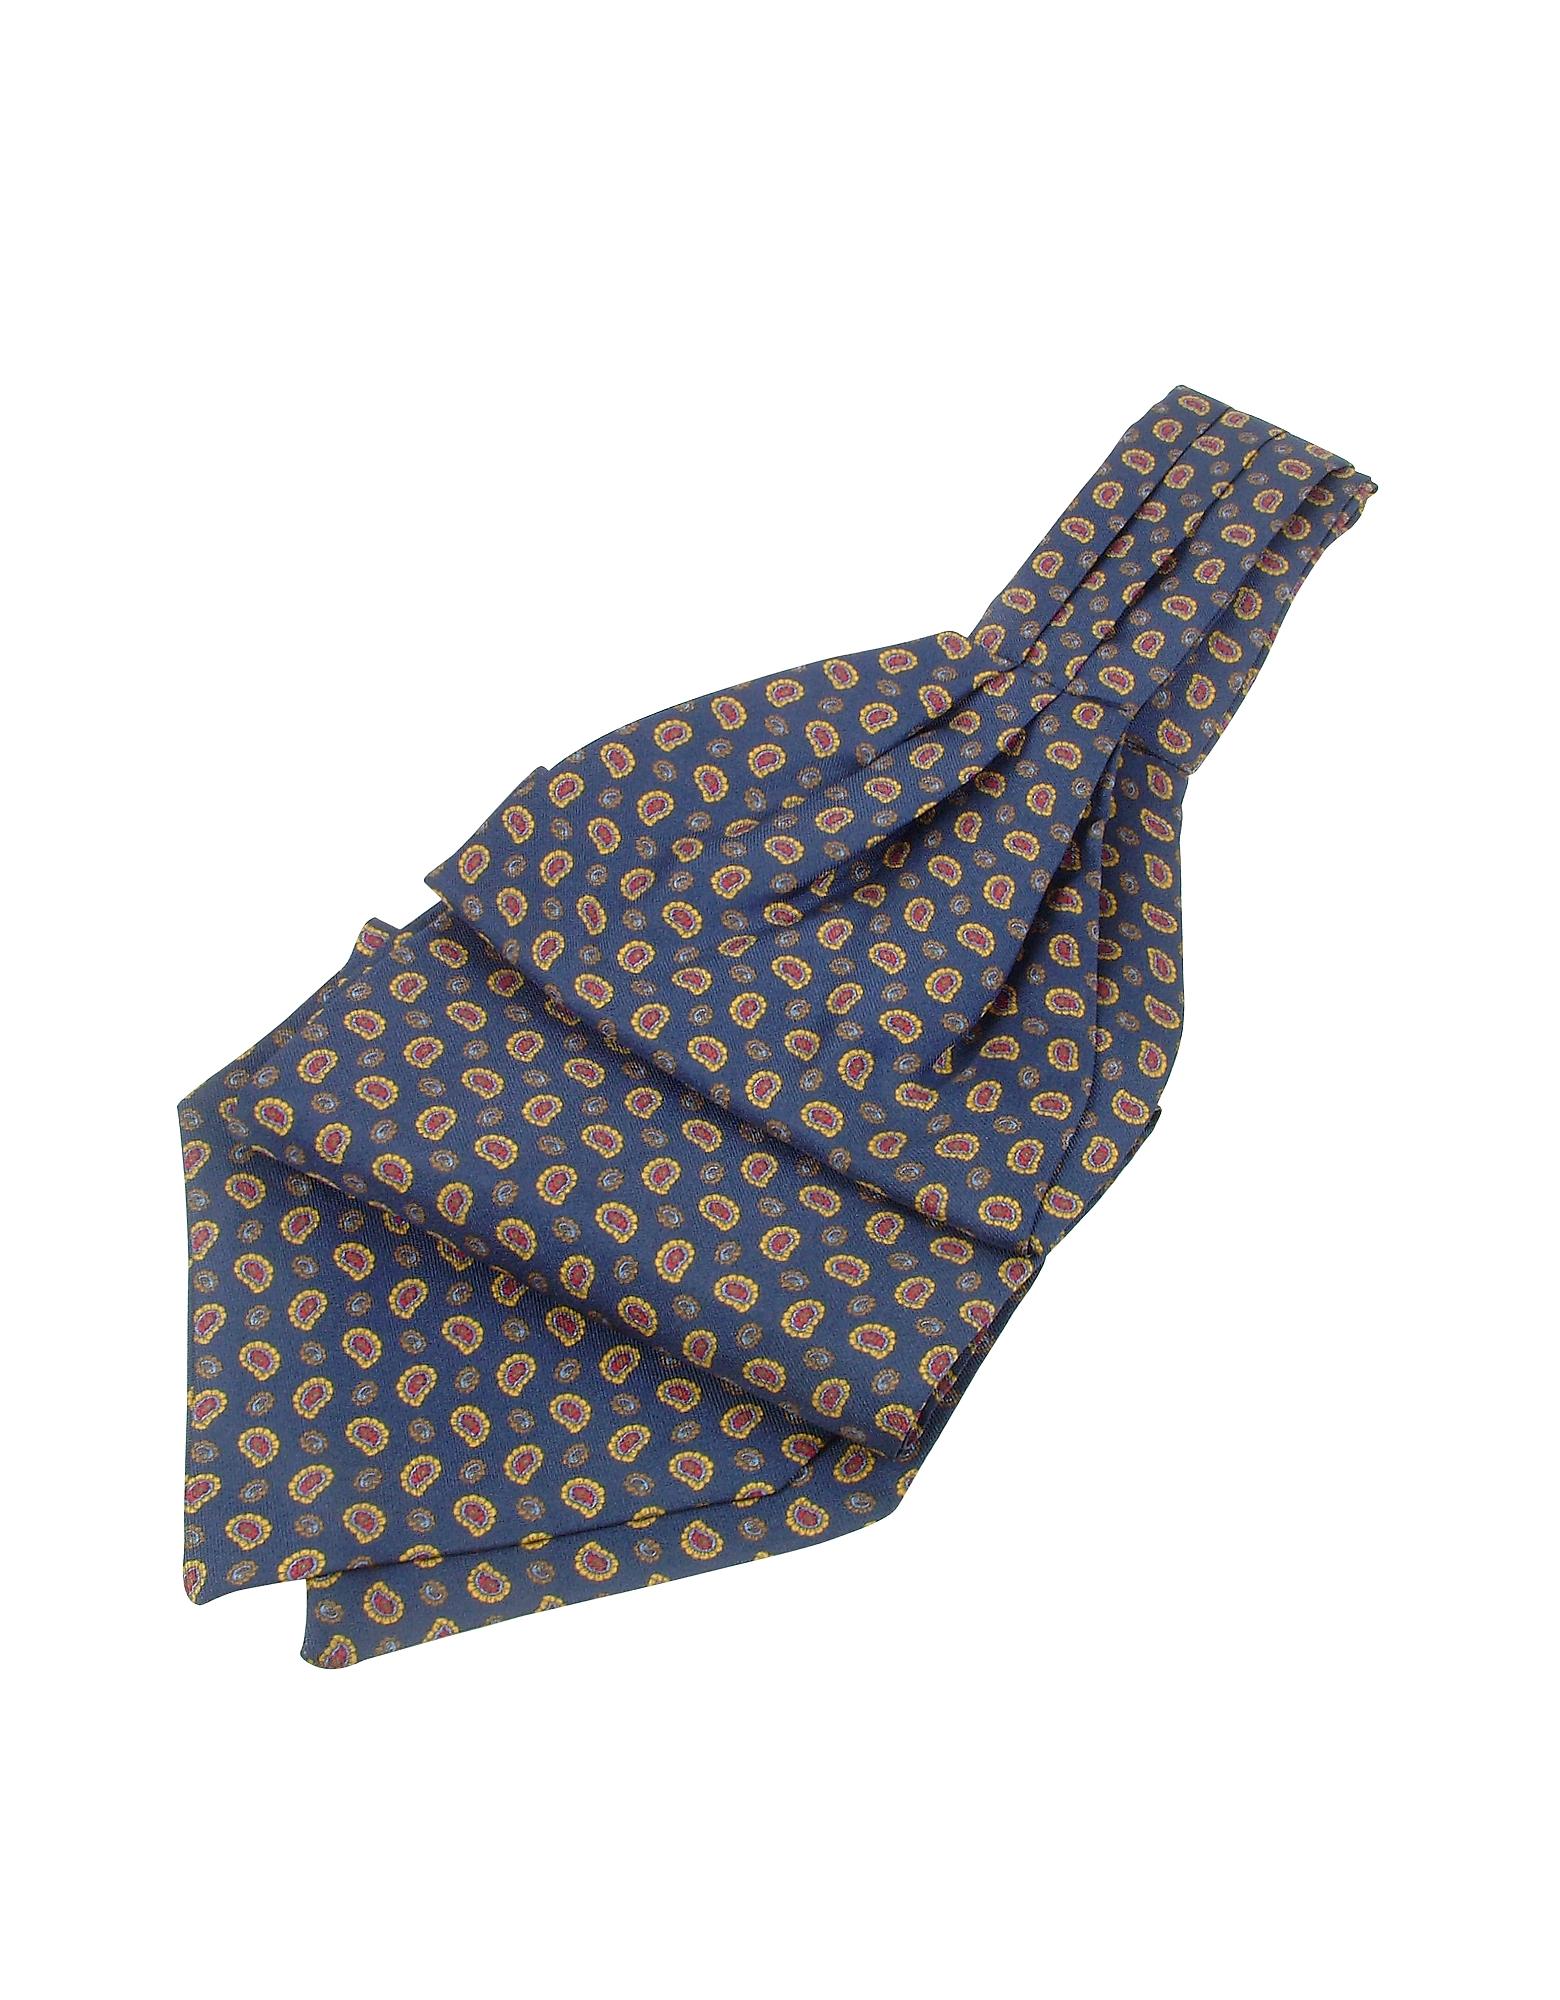 Forzieri Ascot ties, Mini Paisley Print Twill Silk Ascot